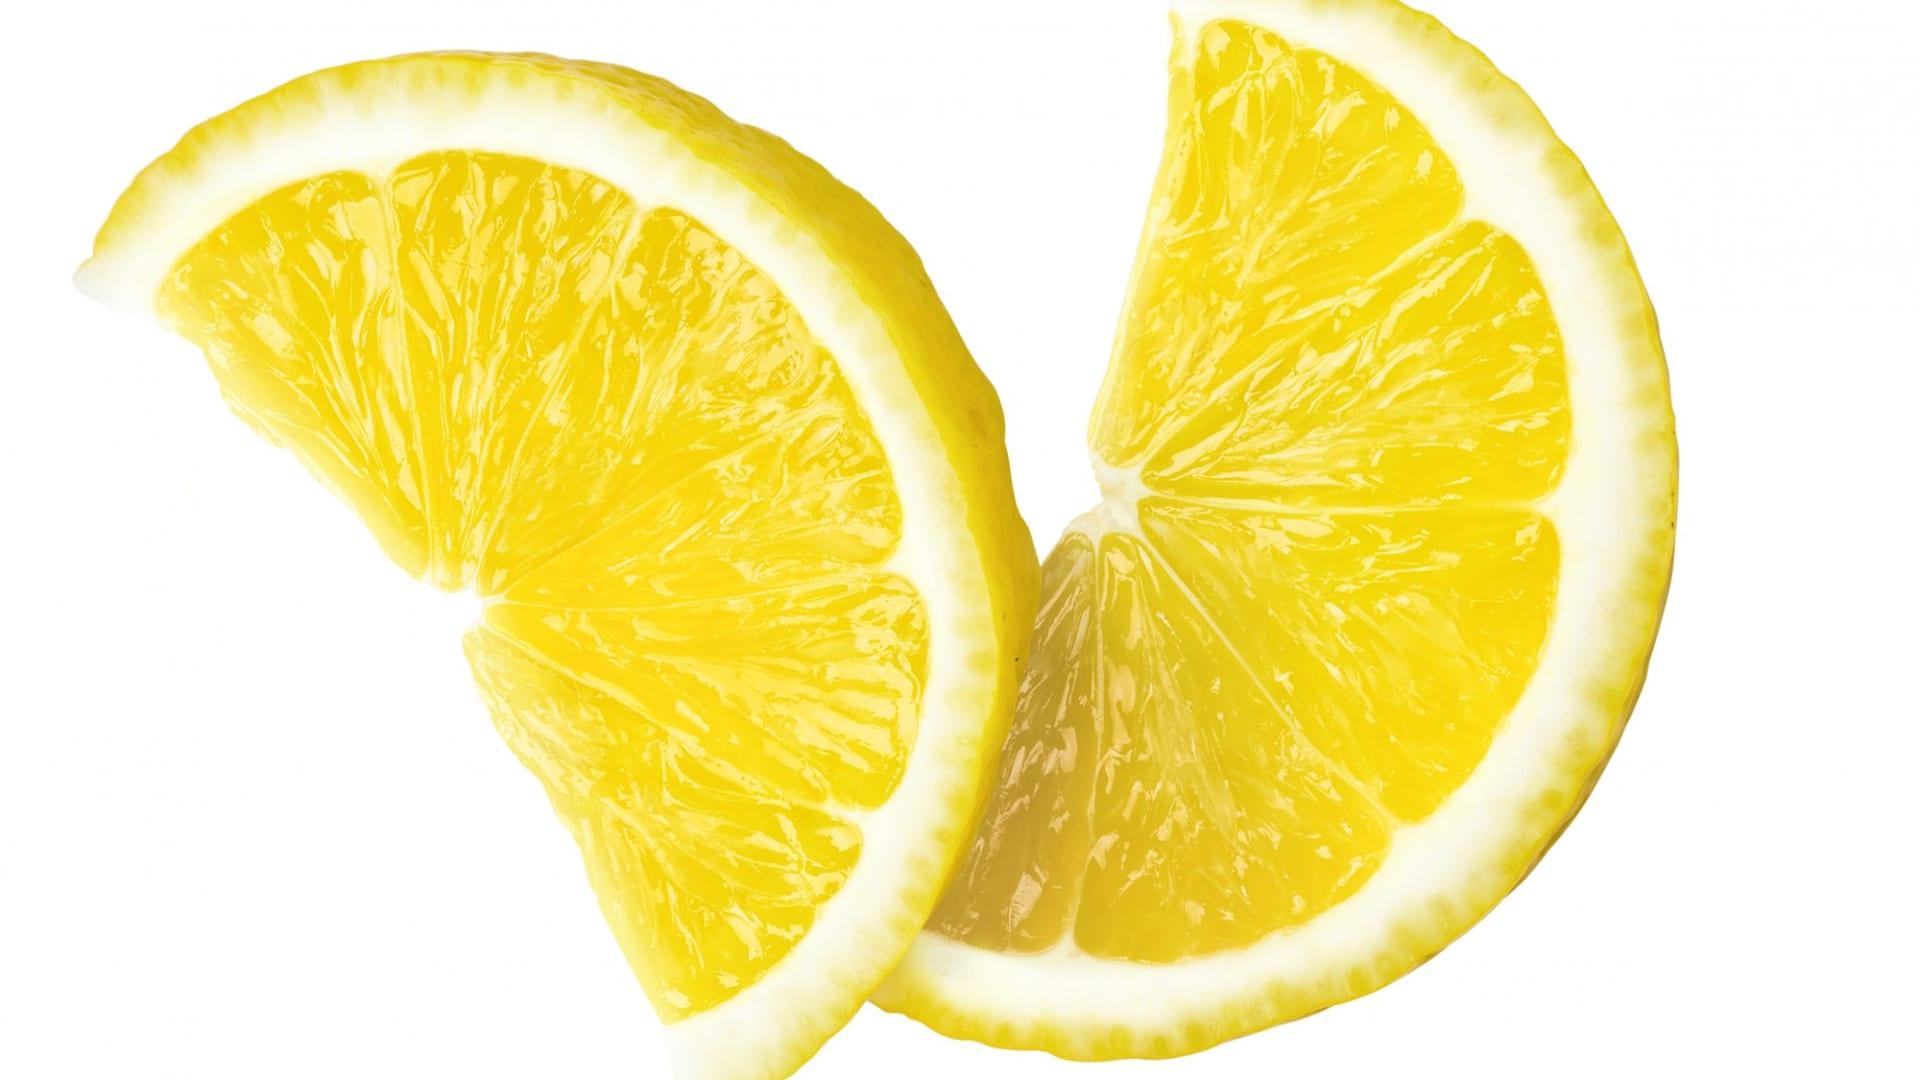 The Sour Taste of Lemonade's IPO Filing